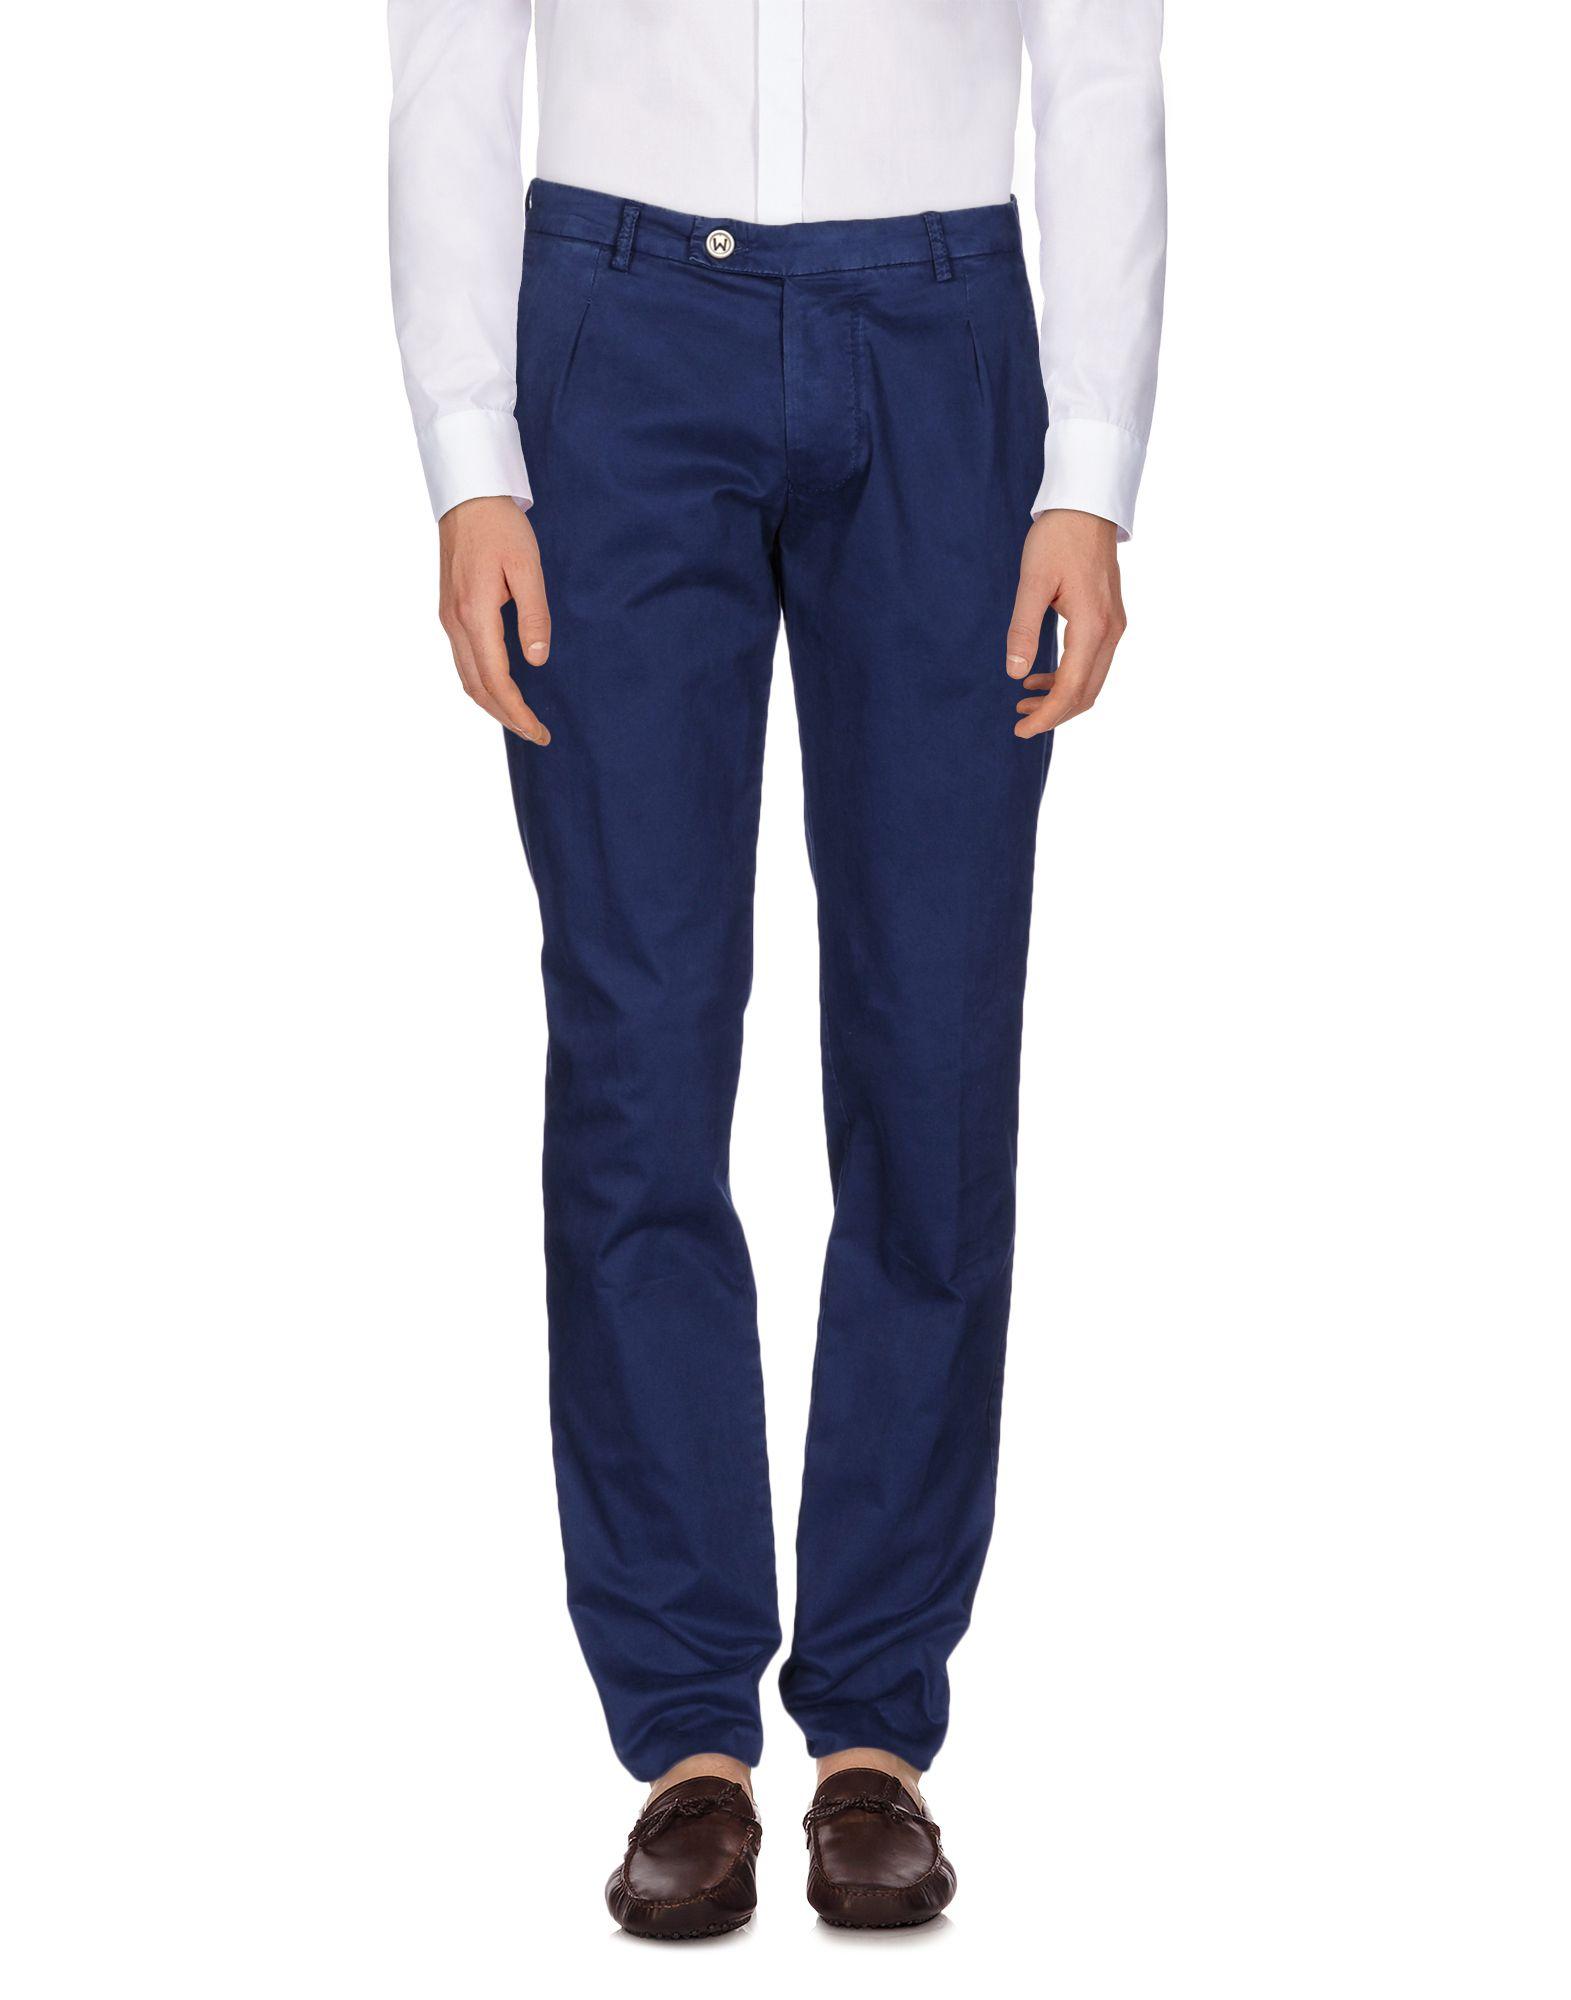 BERWICH Повседневные брюки брюки для беременных topshop 4 22